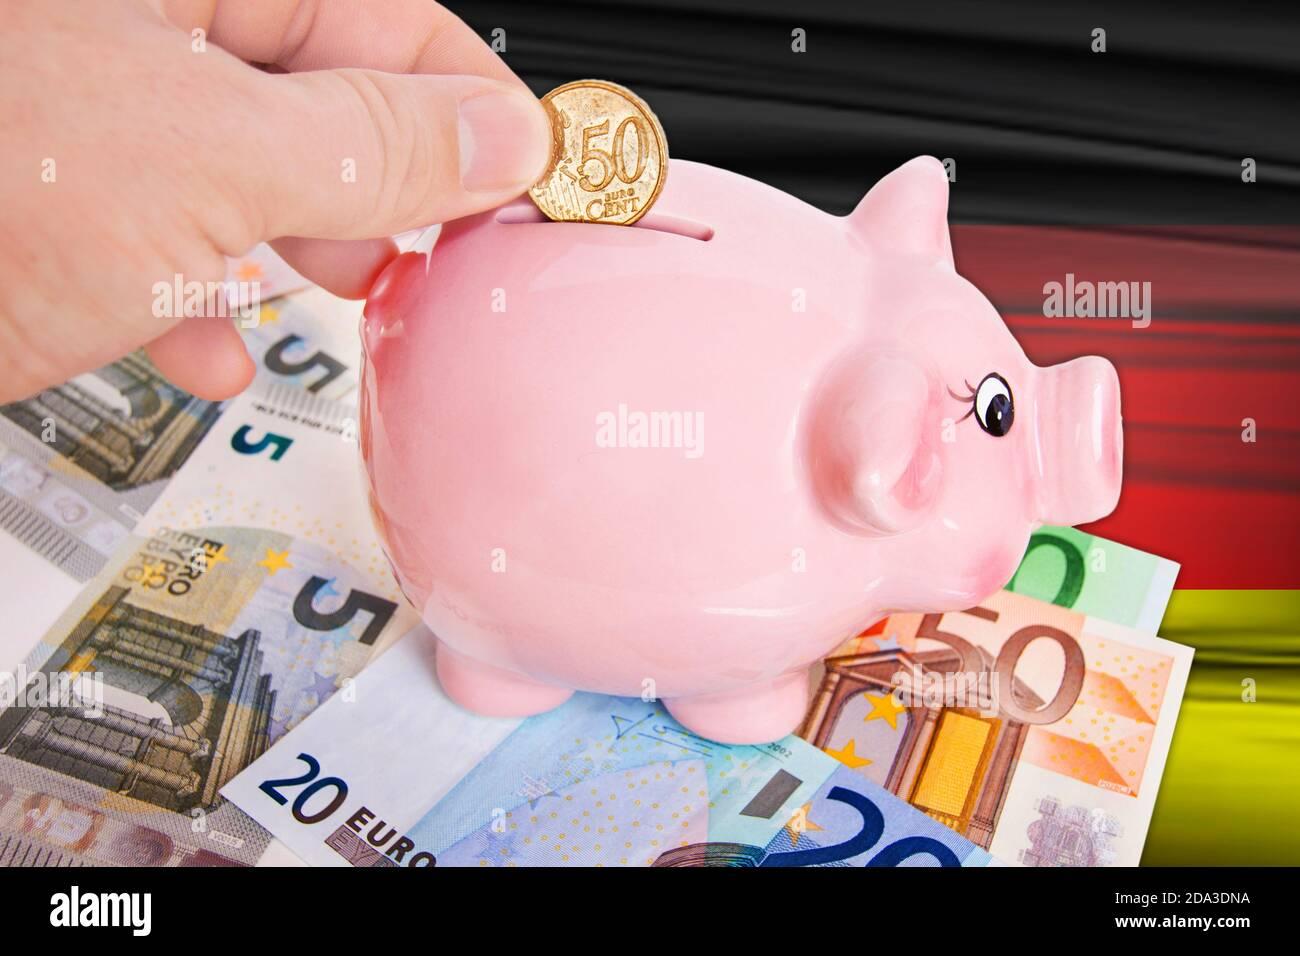 Sparschwein mit 50 Cent Euromünze auf  Deutschlandflagge Stock Photo